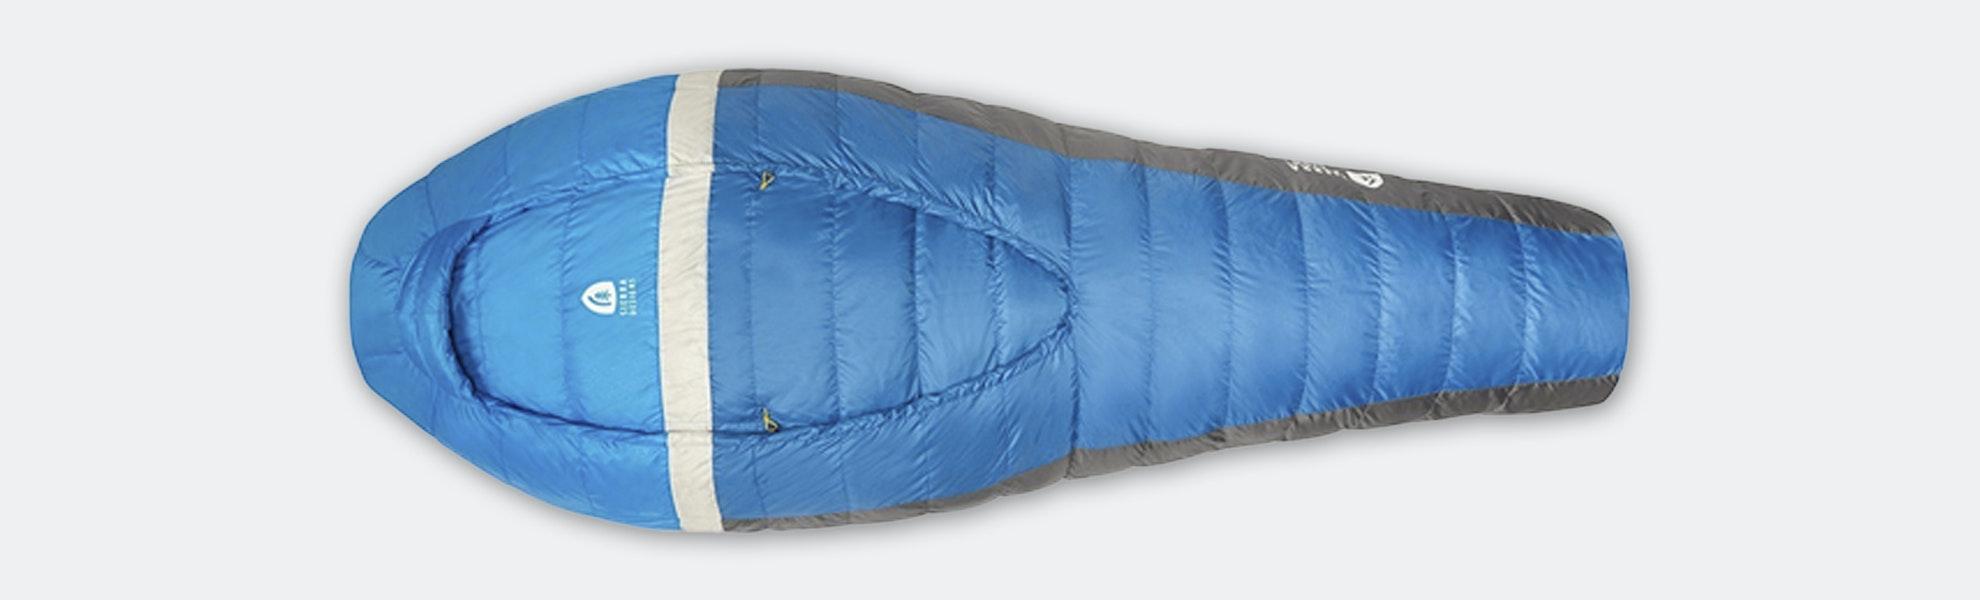 Sierra Designs Backcountry Bed 700fp Sleeping Bags